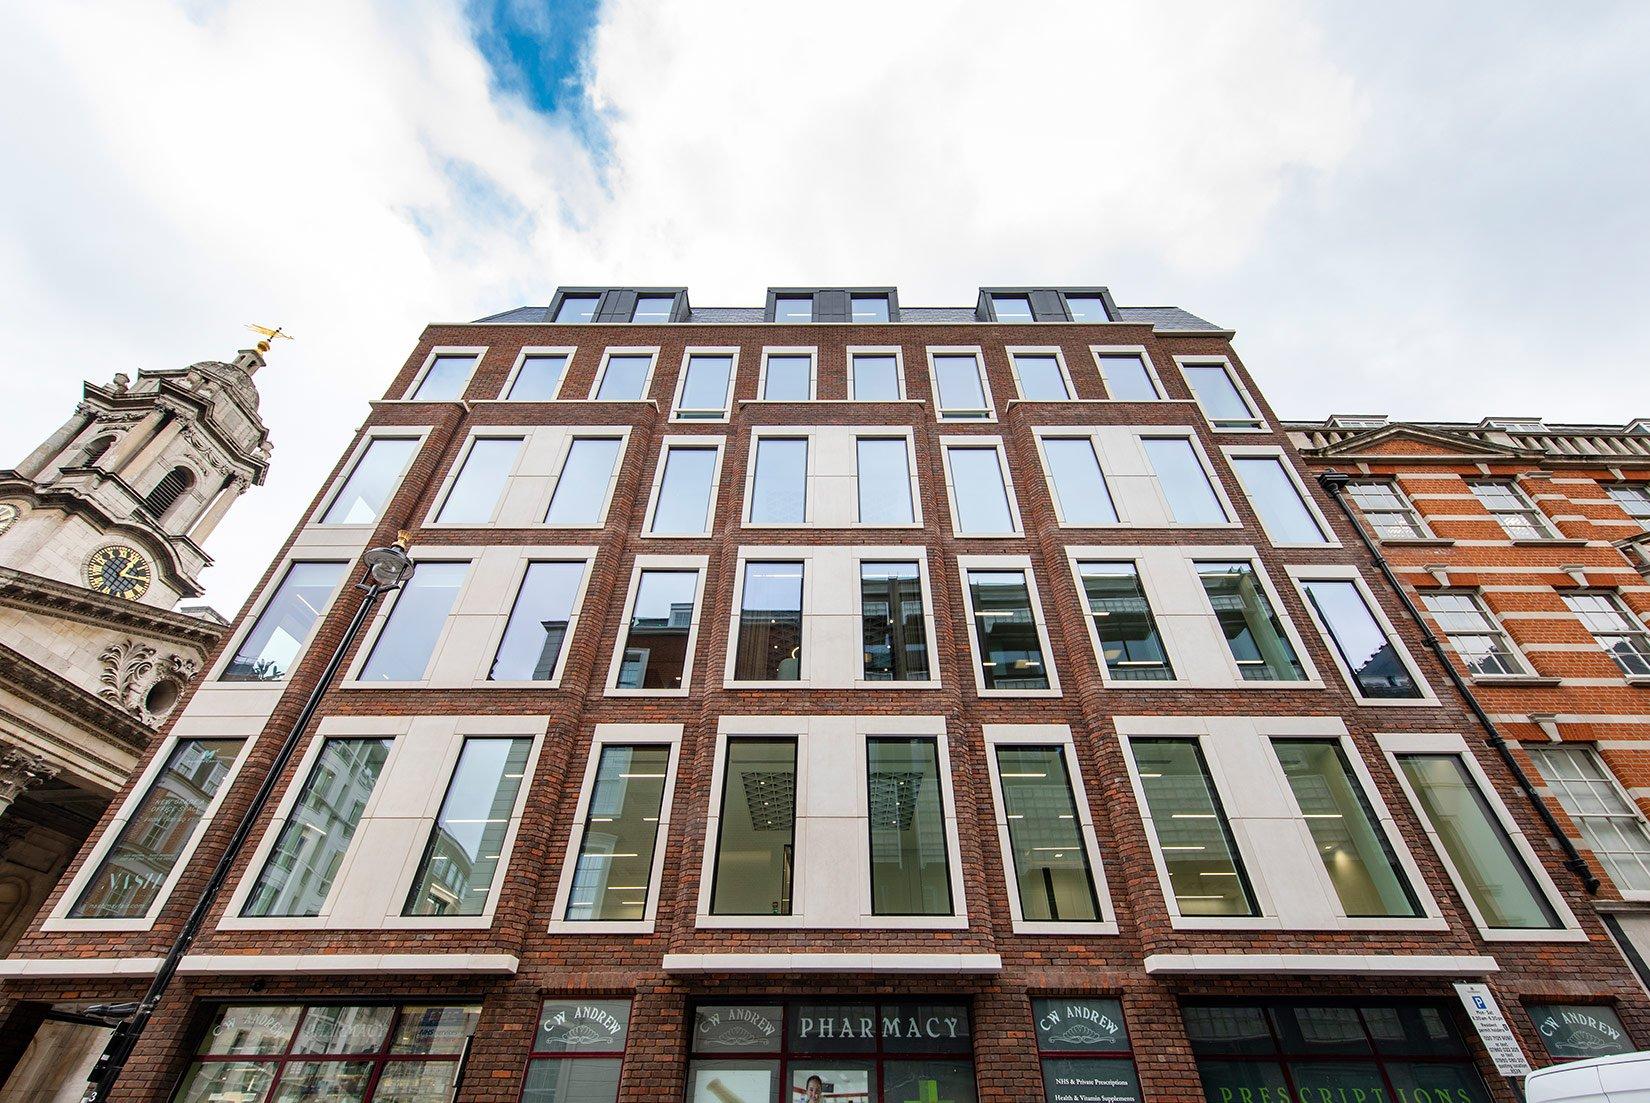 Nash House, Mayfair, London, New Façade